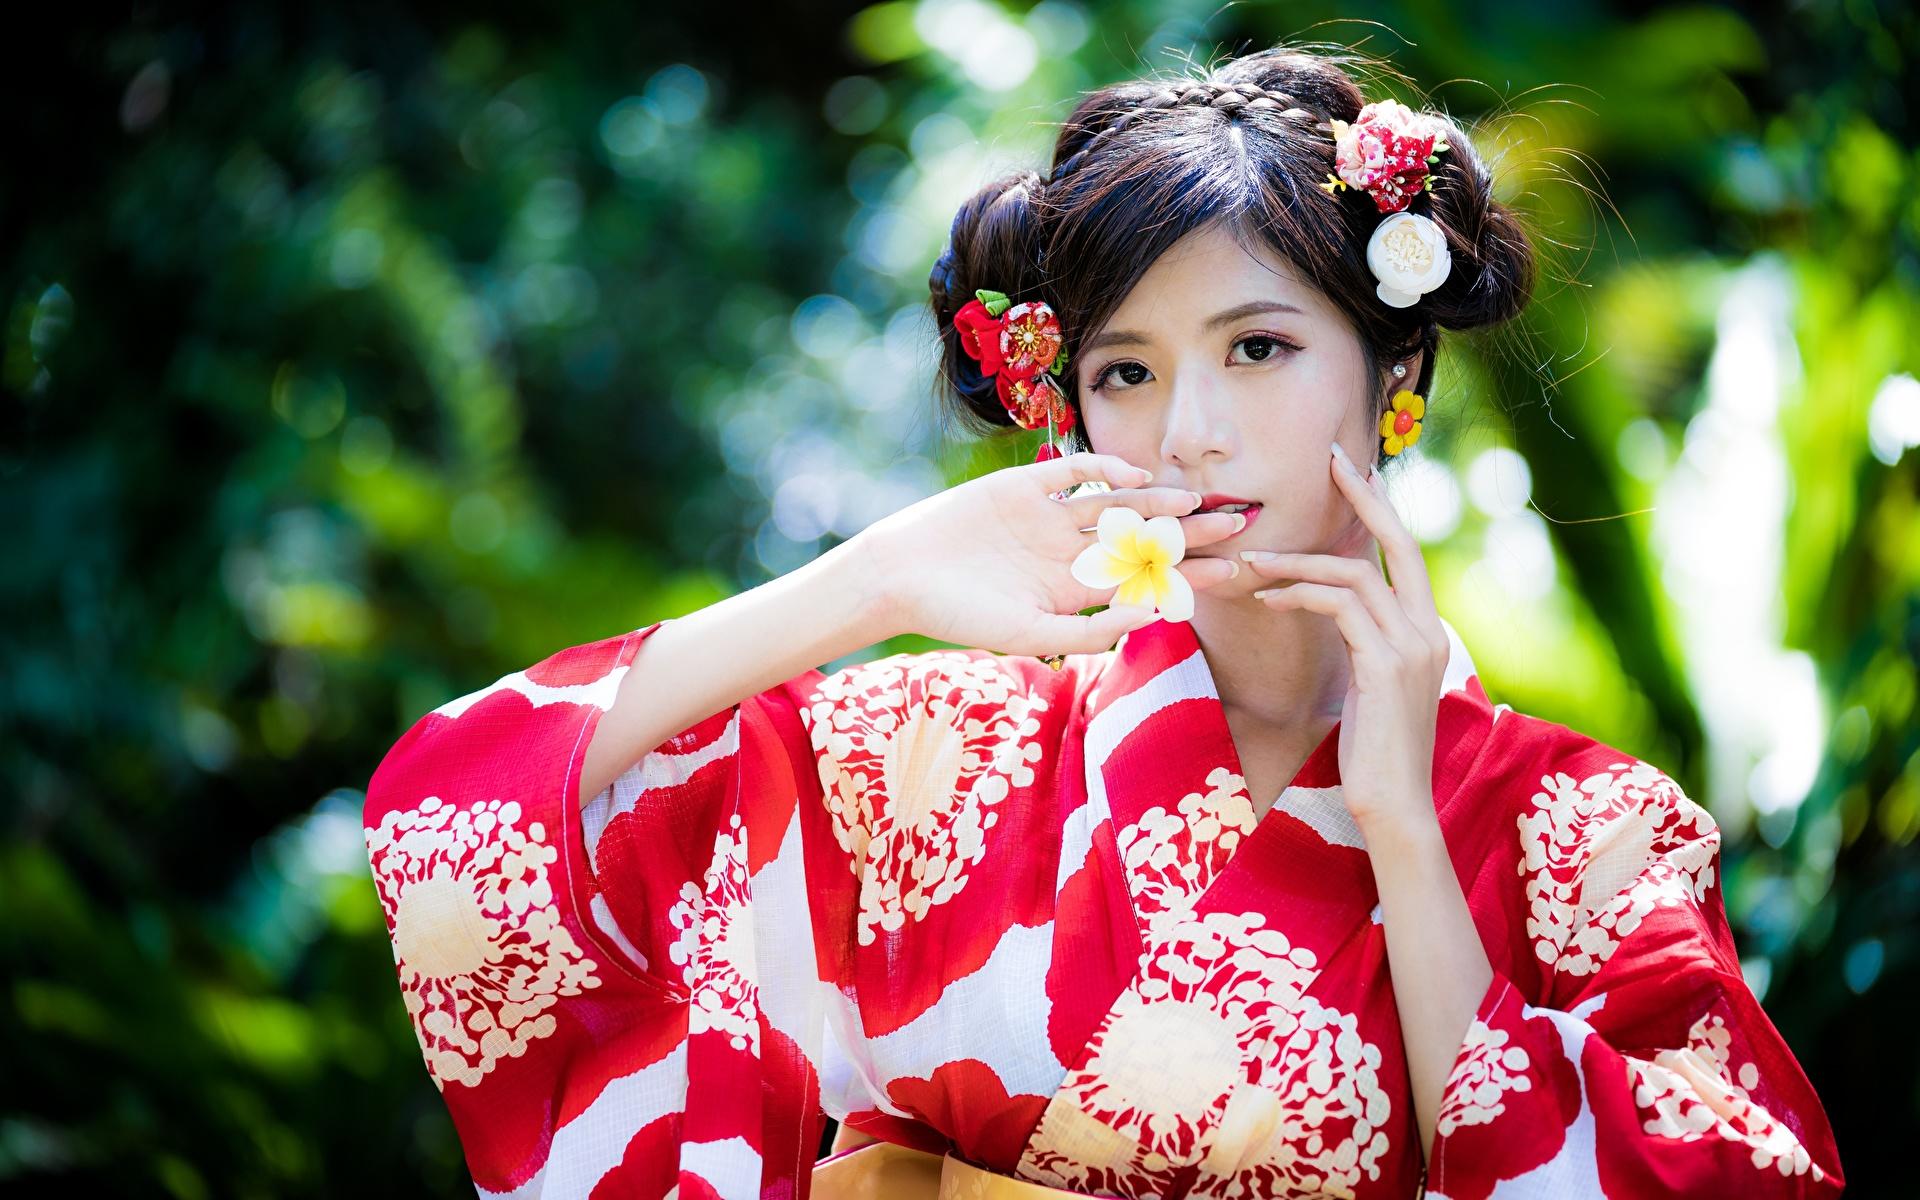 Фотография боке Кимоно молодые женщины азиатки Руки 1920x1200 Размытый фон девушка Девушки молодая женщина Азиаты азиатка рука